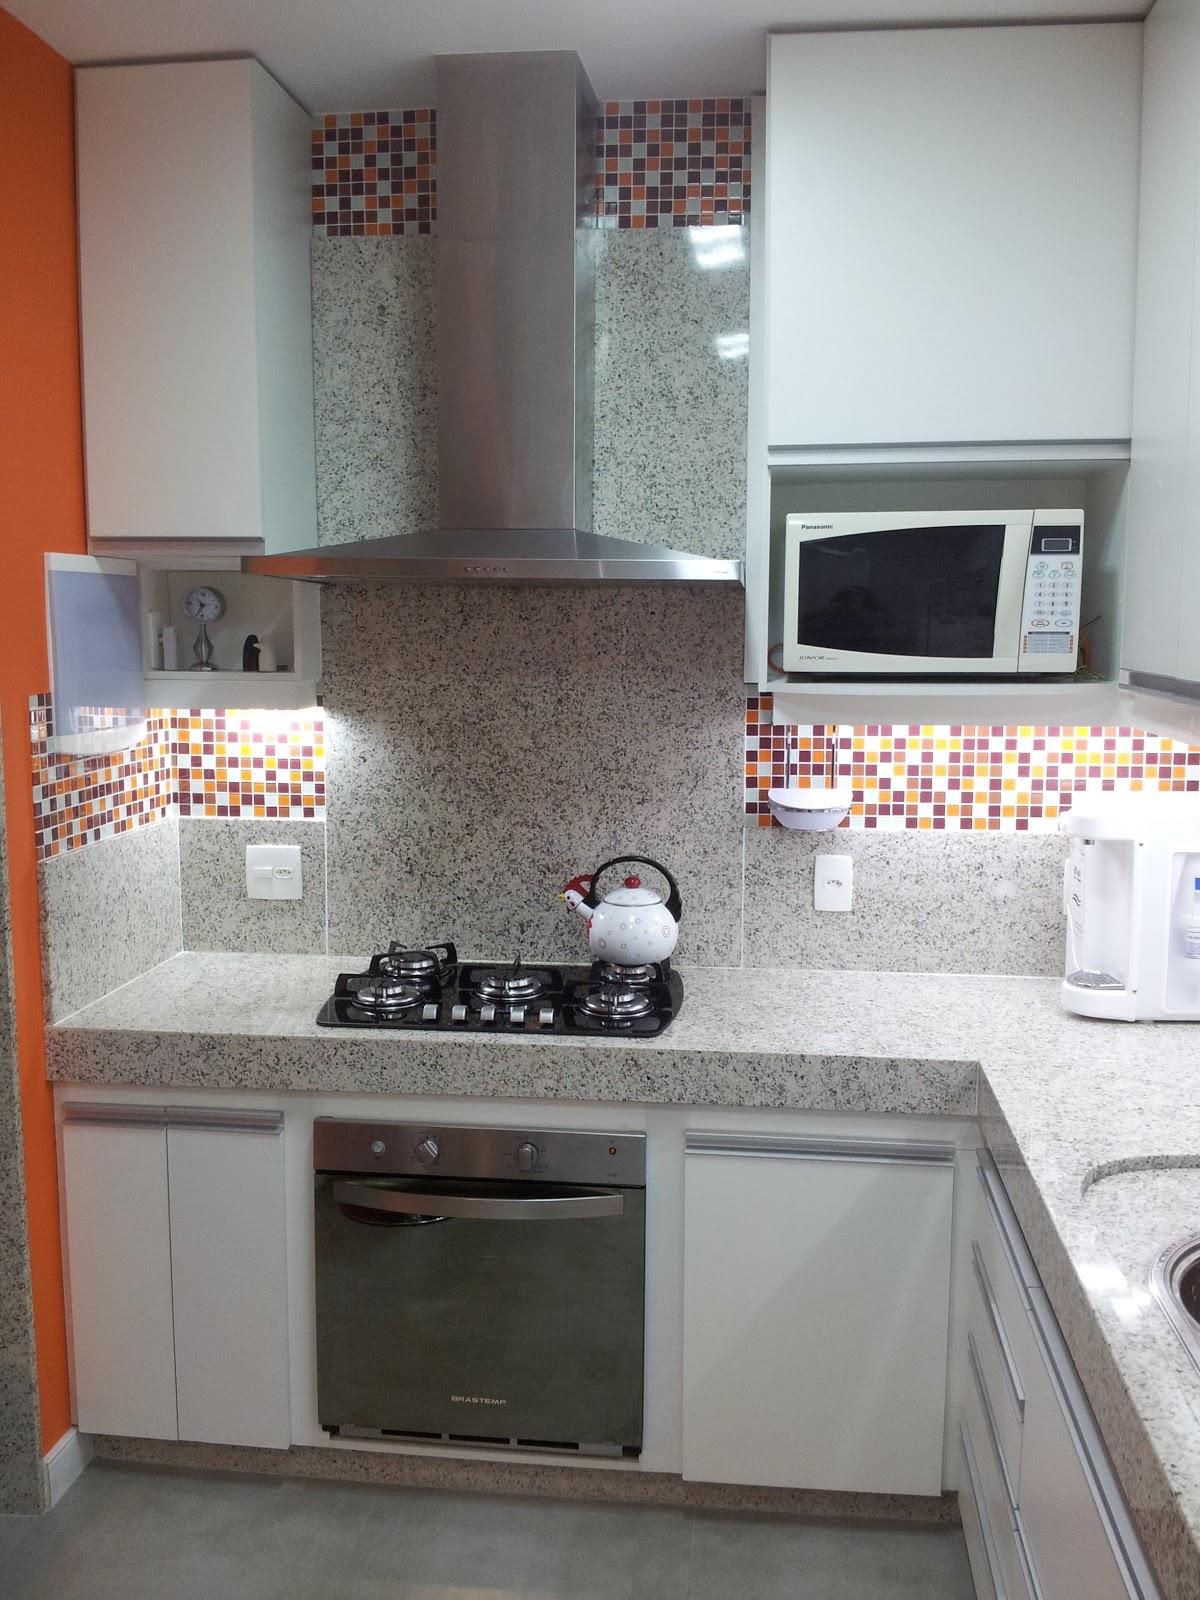 Another Image For Cozinha planejada pequena: projetos dicas e preço! #A34A28 1200 1600